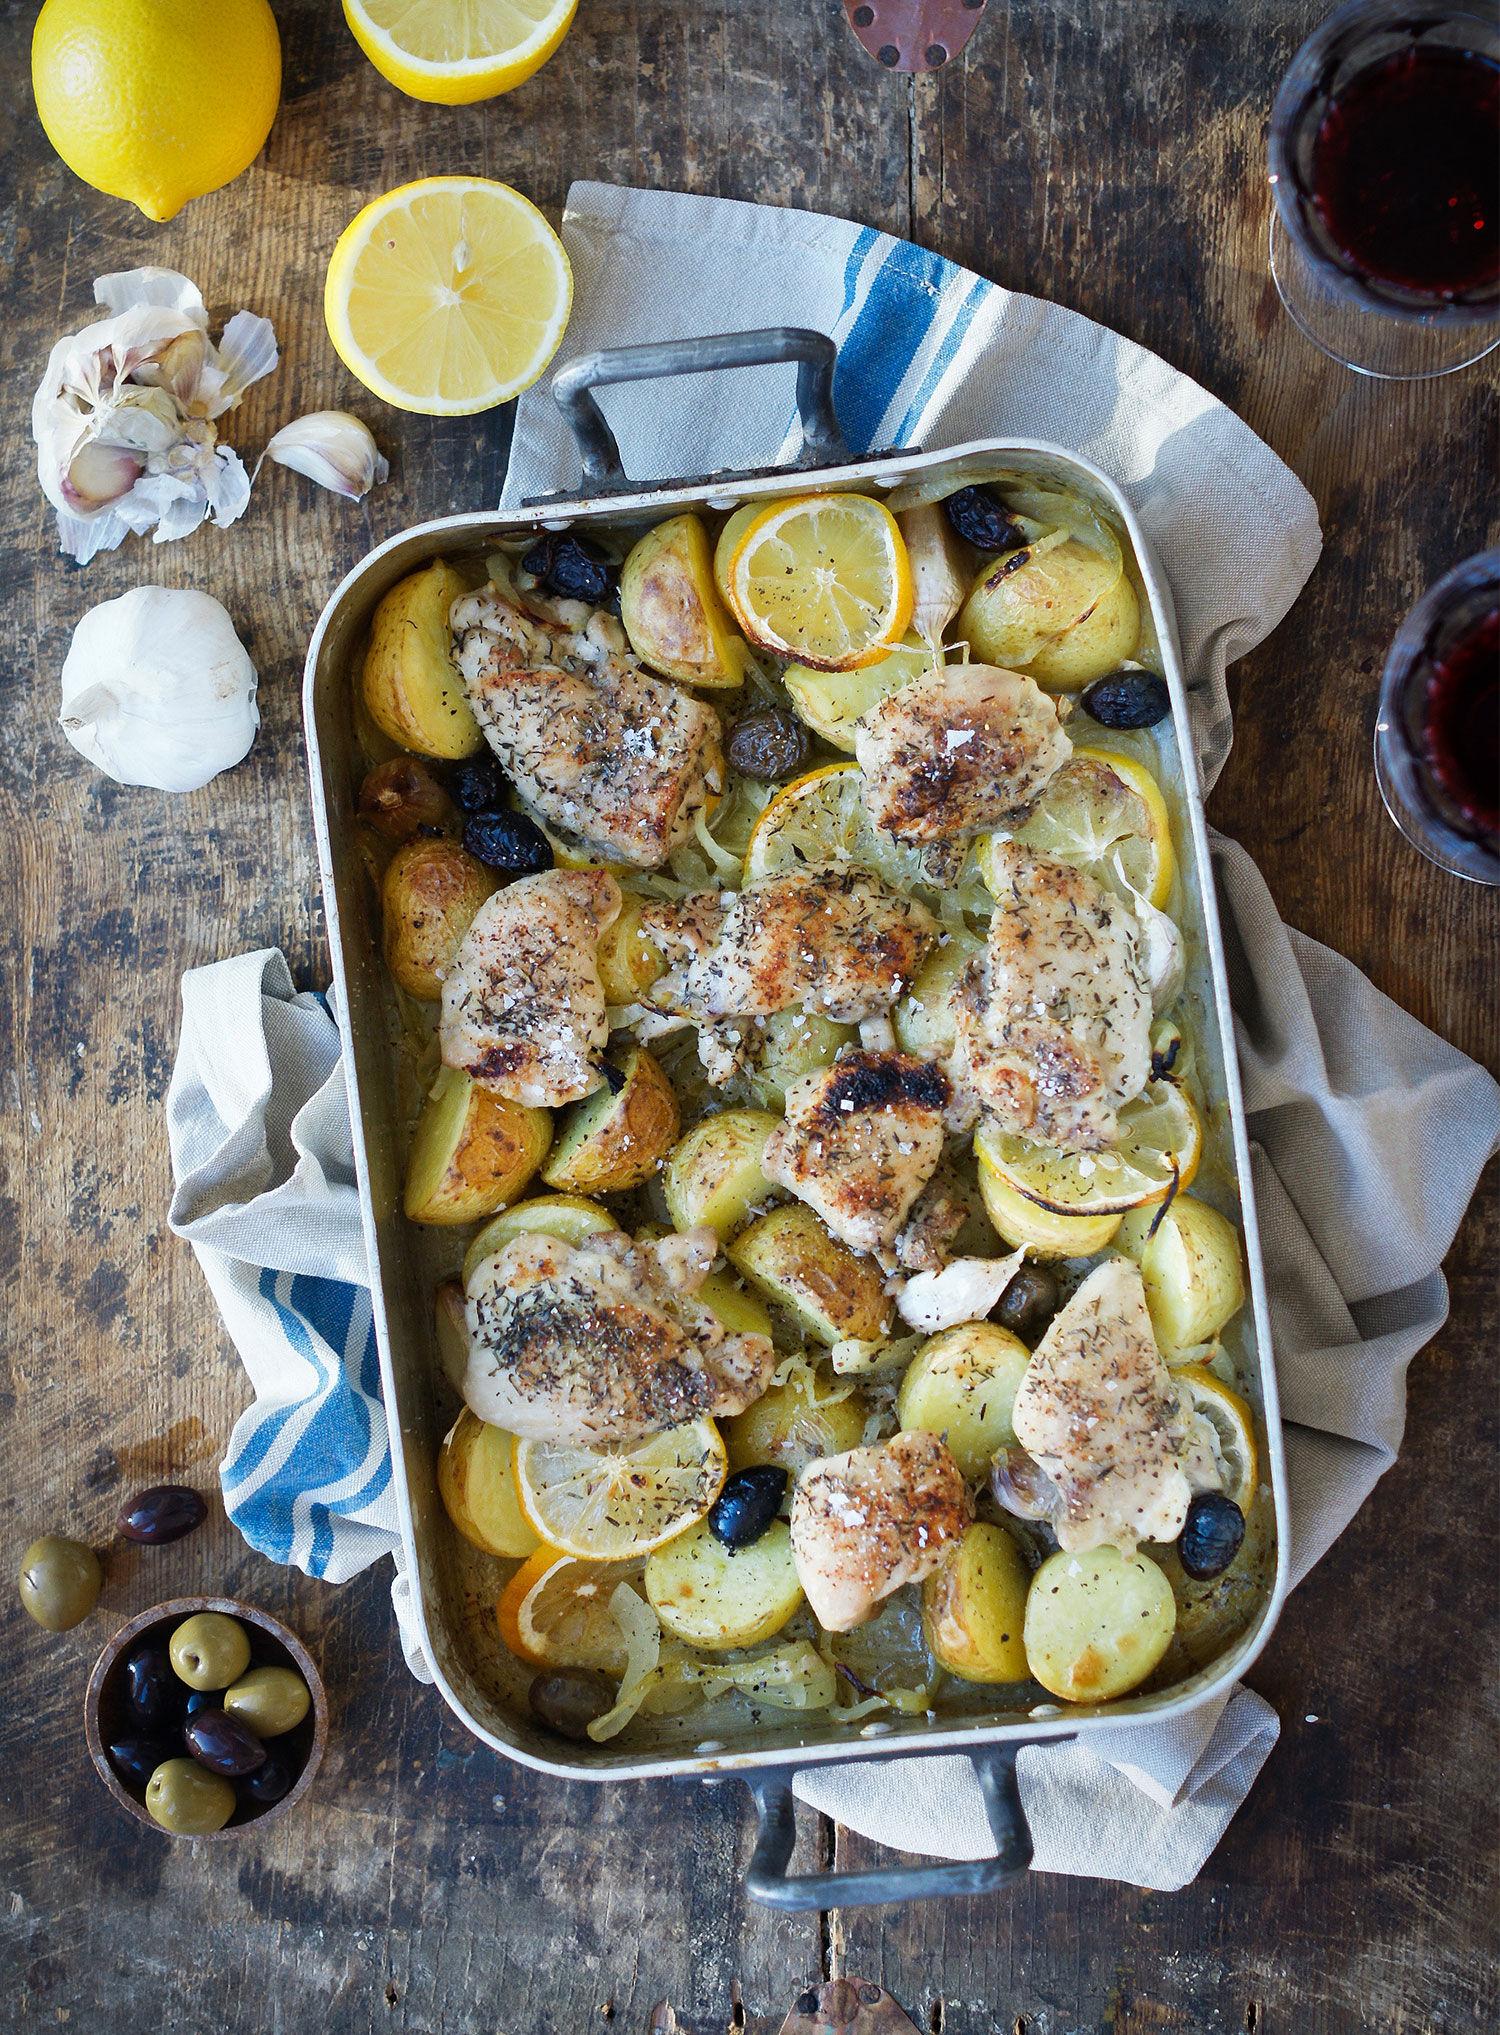 Kyckling med citron, lök och oliver i en ugnsform